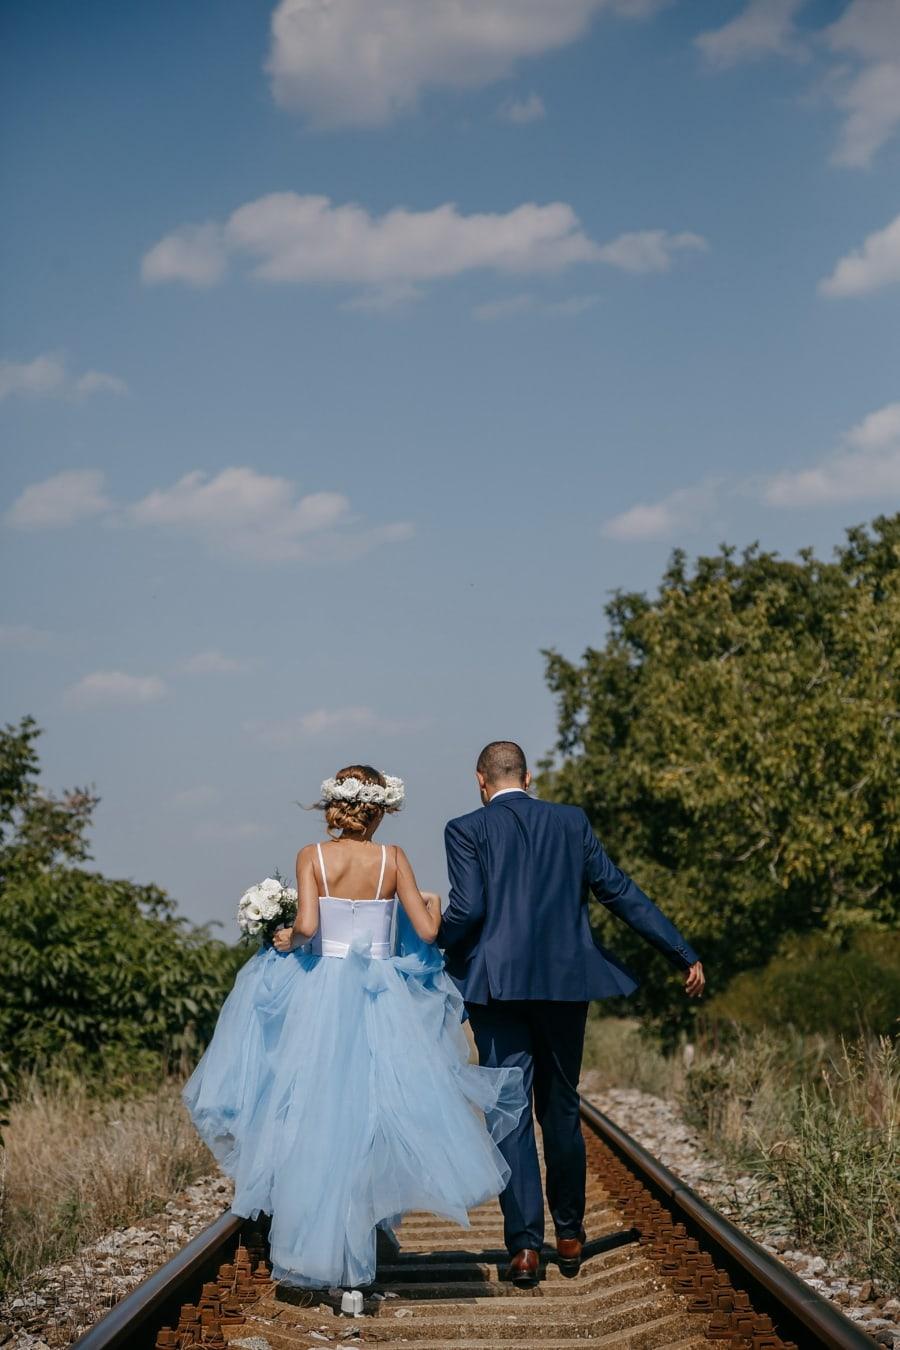 ευτυχία, νεόνυμφους, σιδηροδρόμων, σιδηρόδρομος, Γάμος, νύφη, γαμπρός, φόρεμα, Αγάπη, Ρομαντικές αποδράσεις